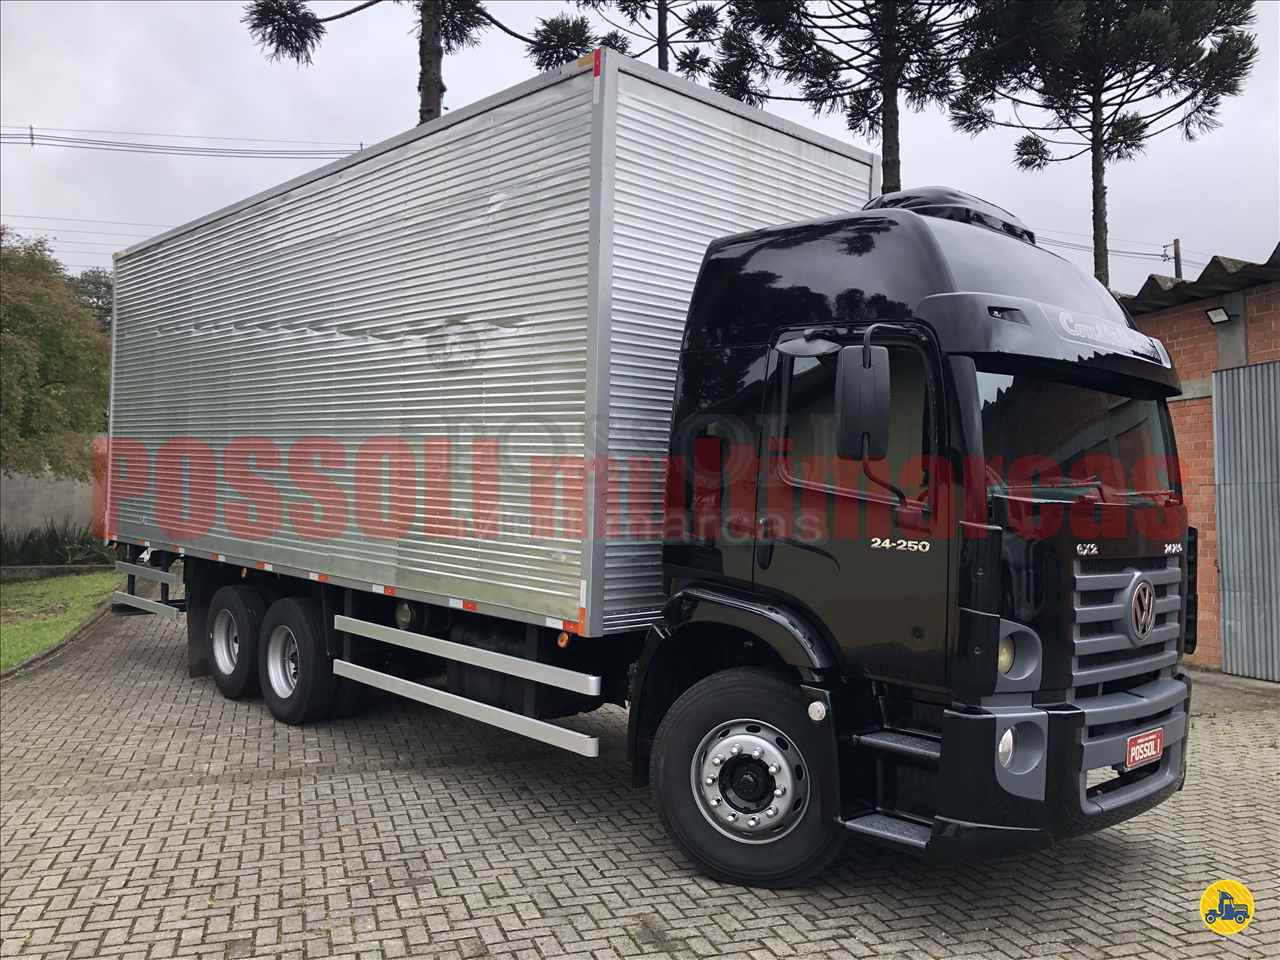 CAMINHAO VOLKSWAGEN VW 24250 Baú Furgão Truck 6x2 Possoli Multimarcas CURITIBA PARANÁ PR